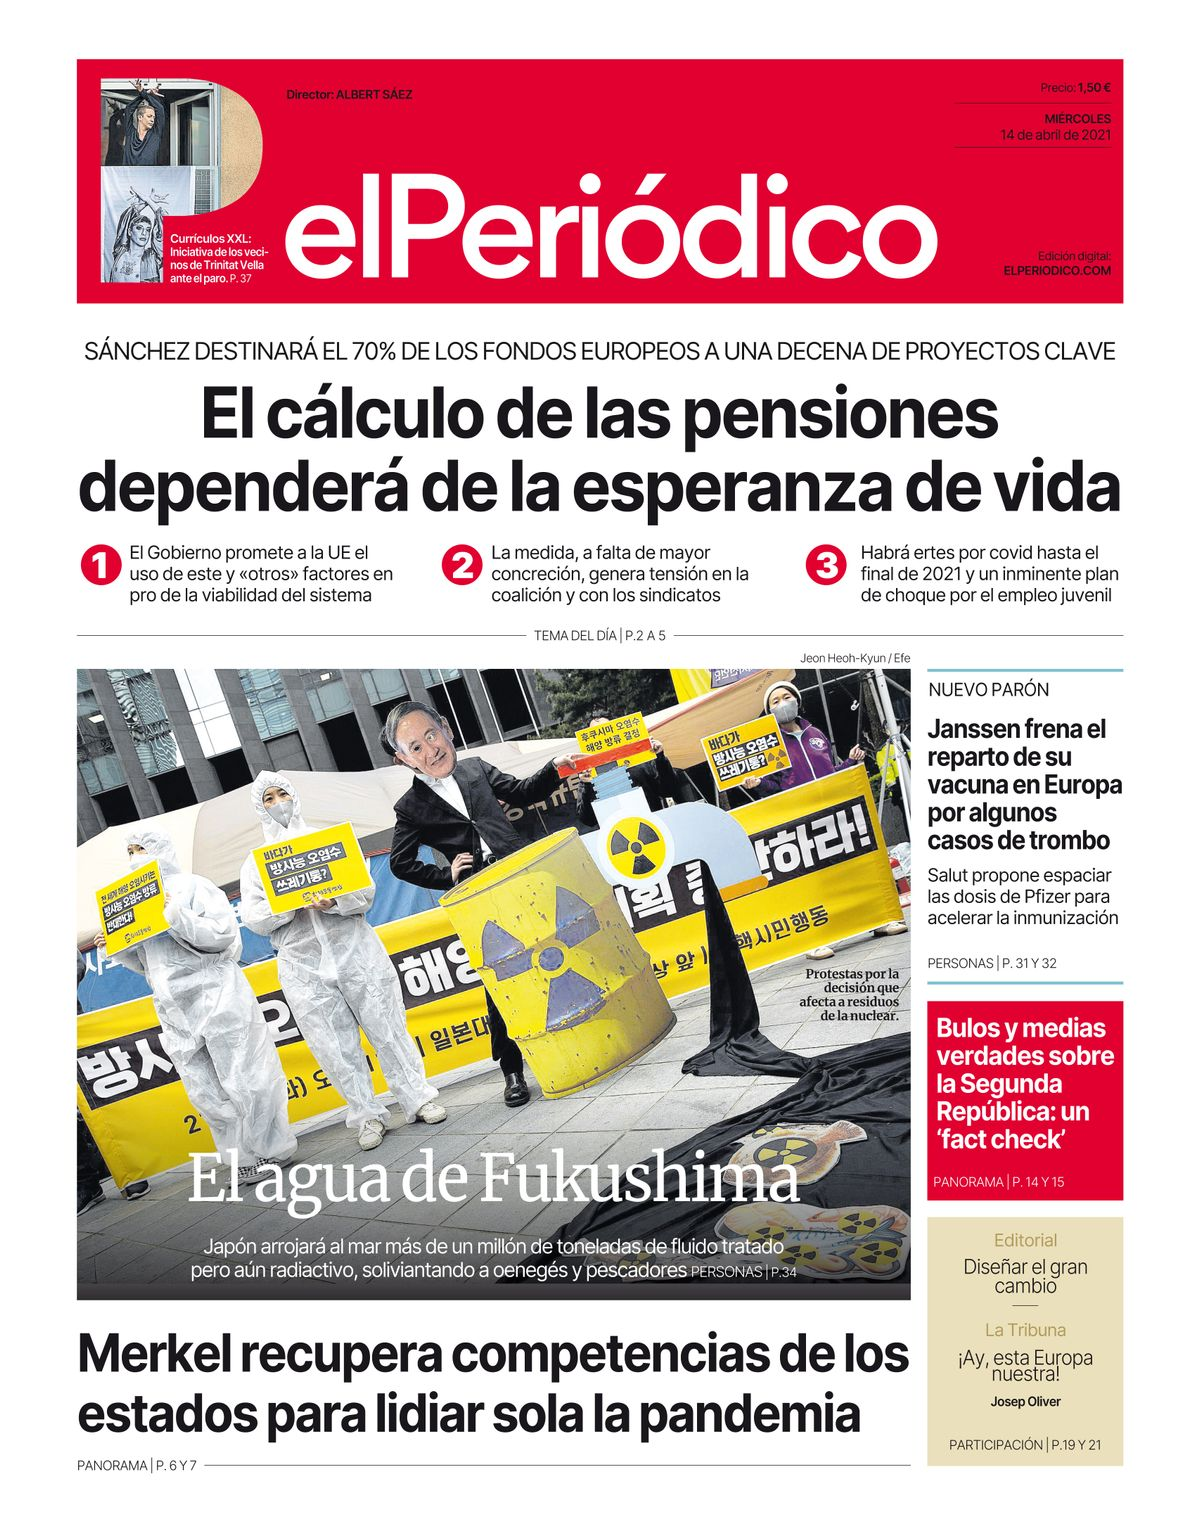 La portada de EL PERIÓDICO del 14 de abril de 2021